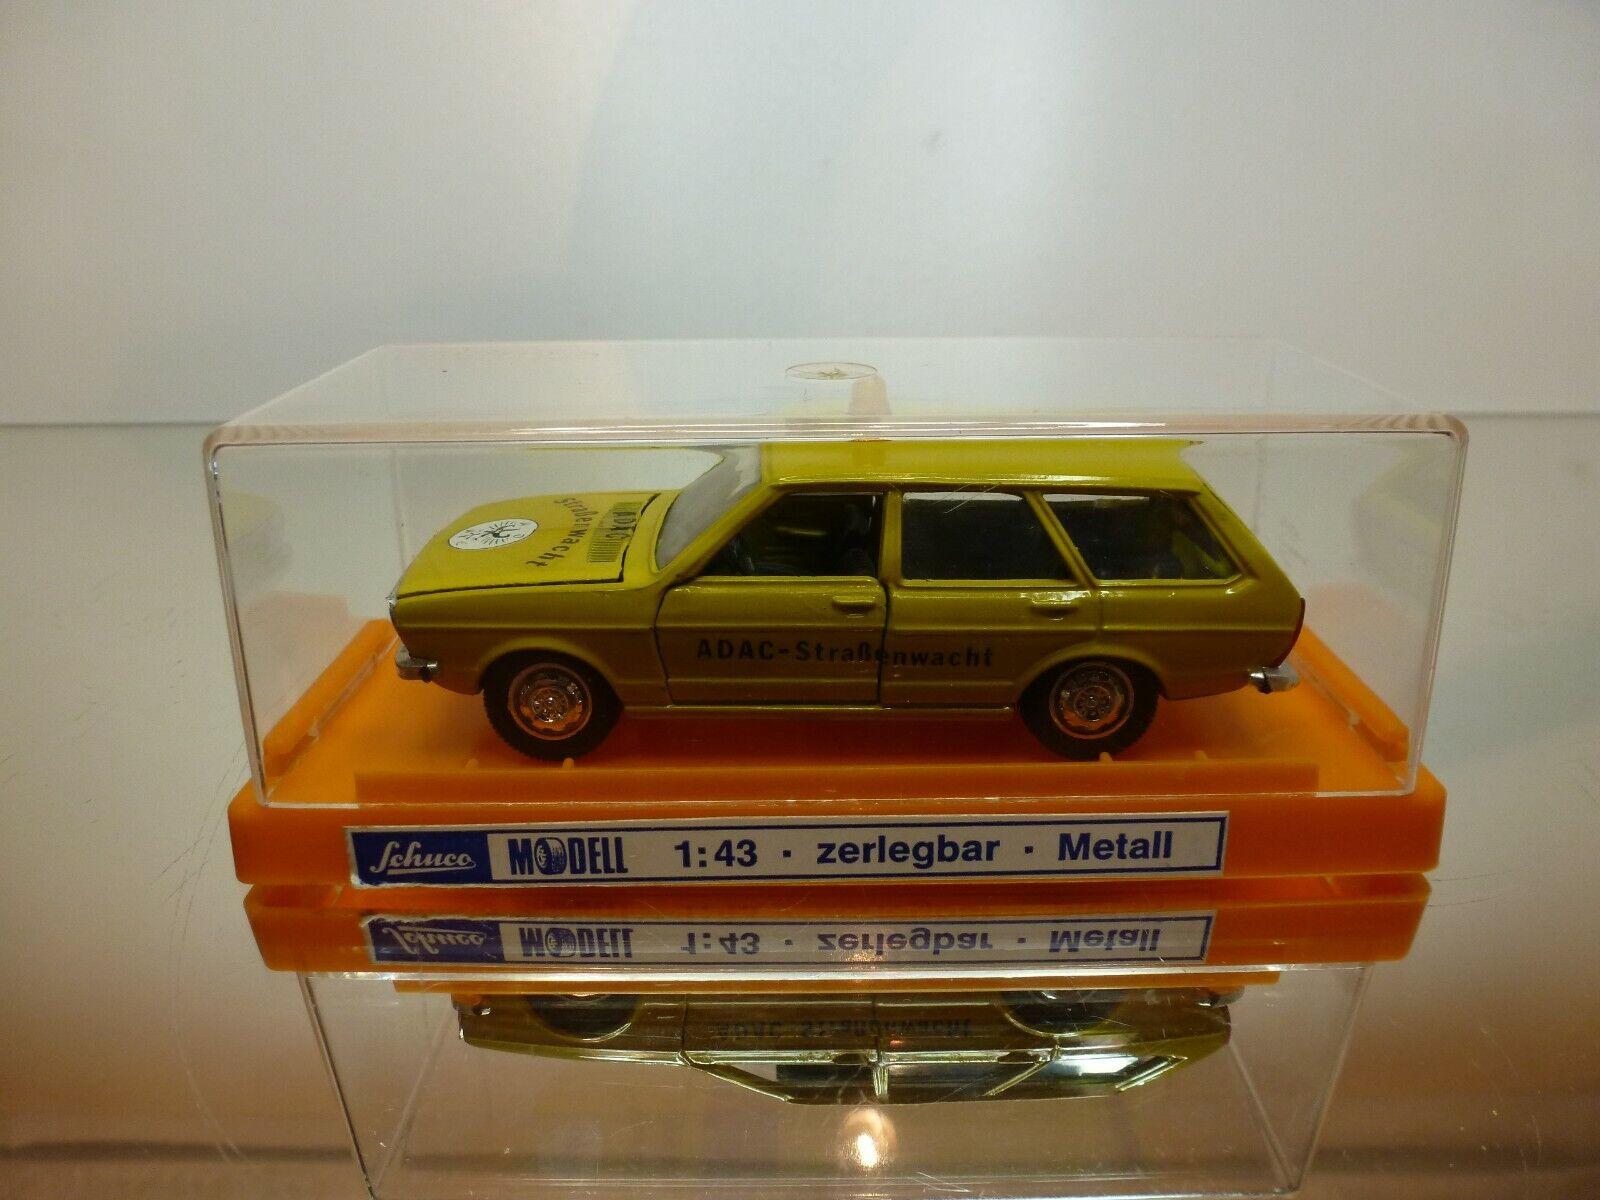 SCHUCO VW VOLKSWAGEN PASSAT ADAC STRASSENWACHT - MUSTARD 1 43 - VERY GOOD IN BOX